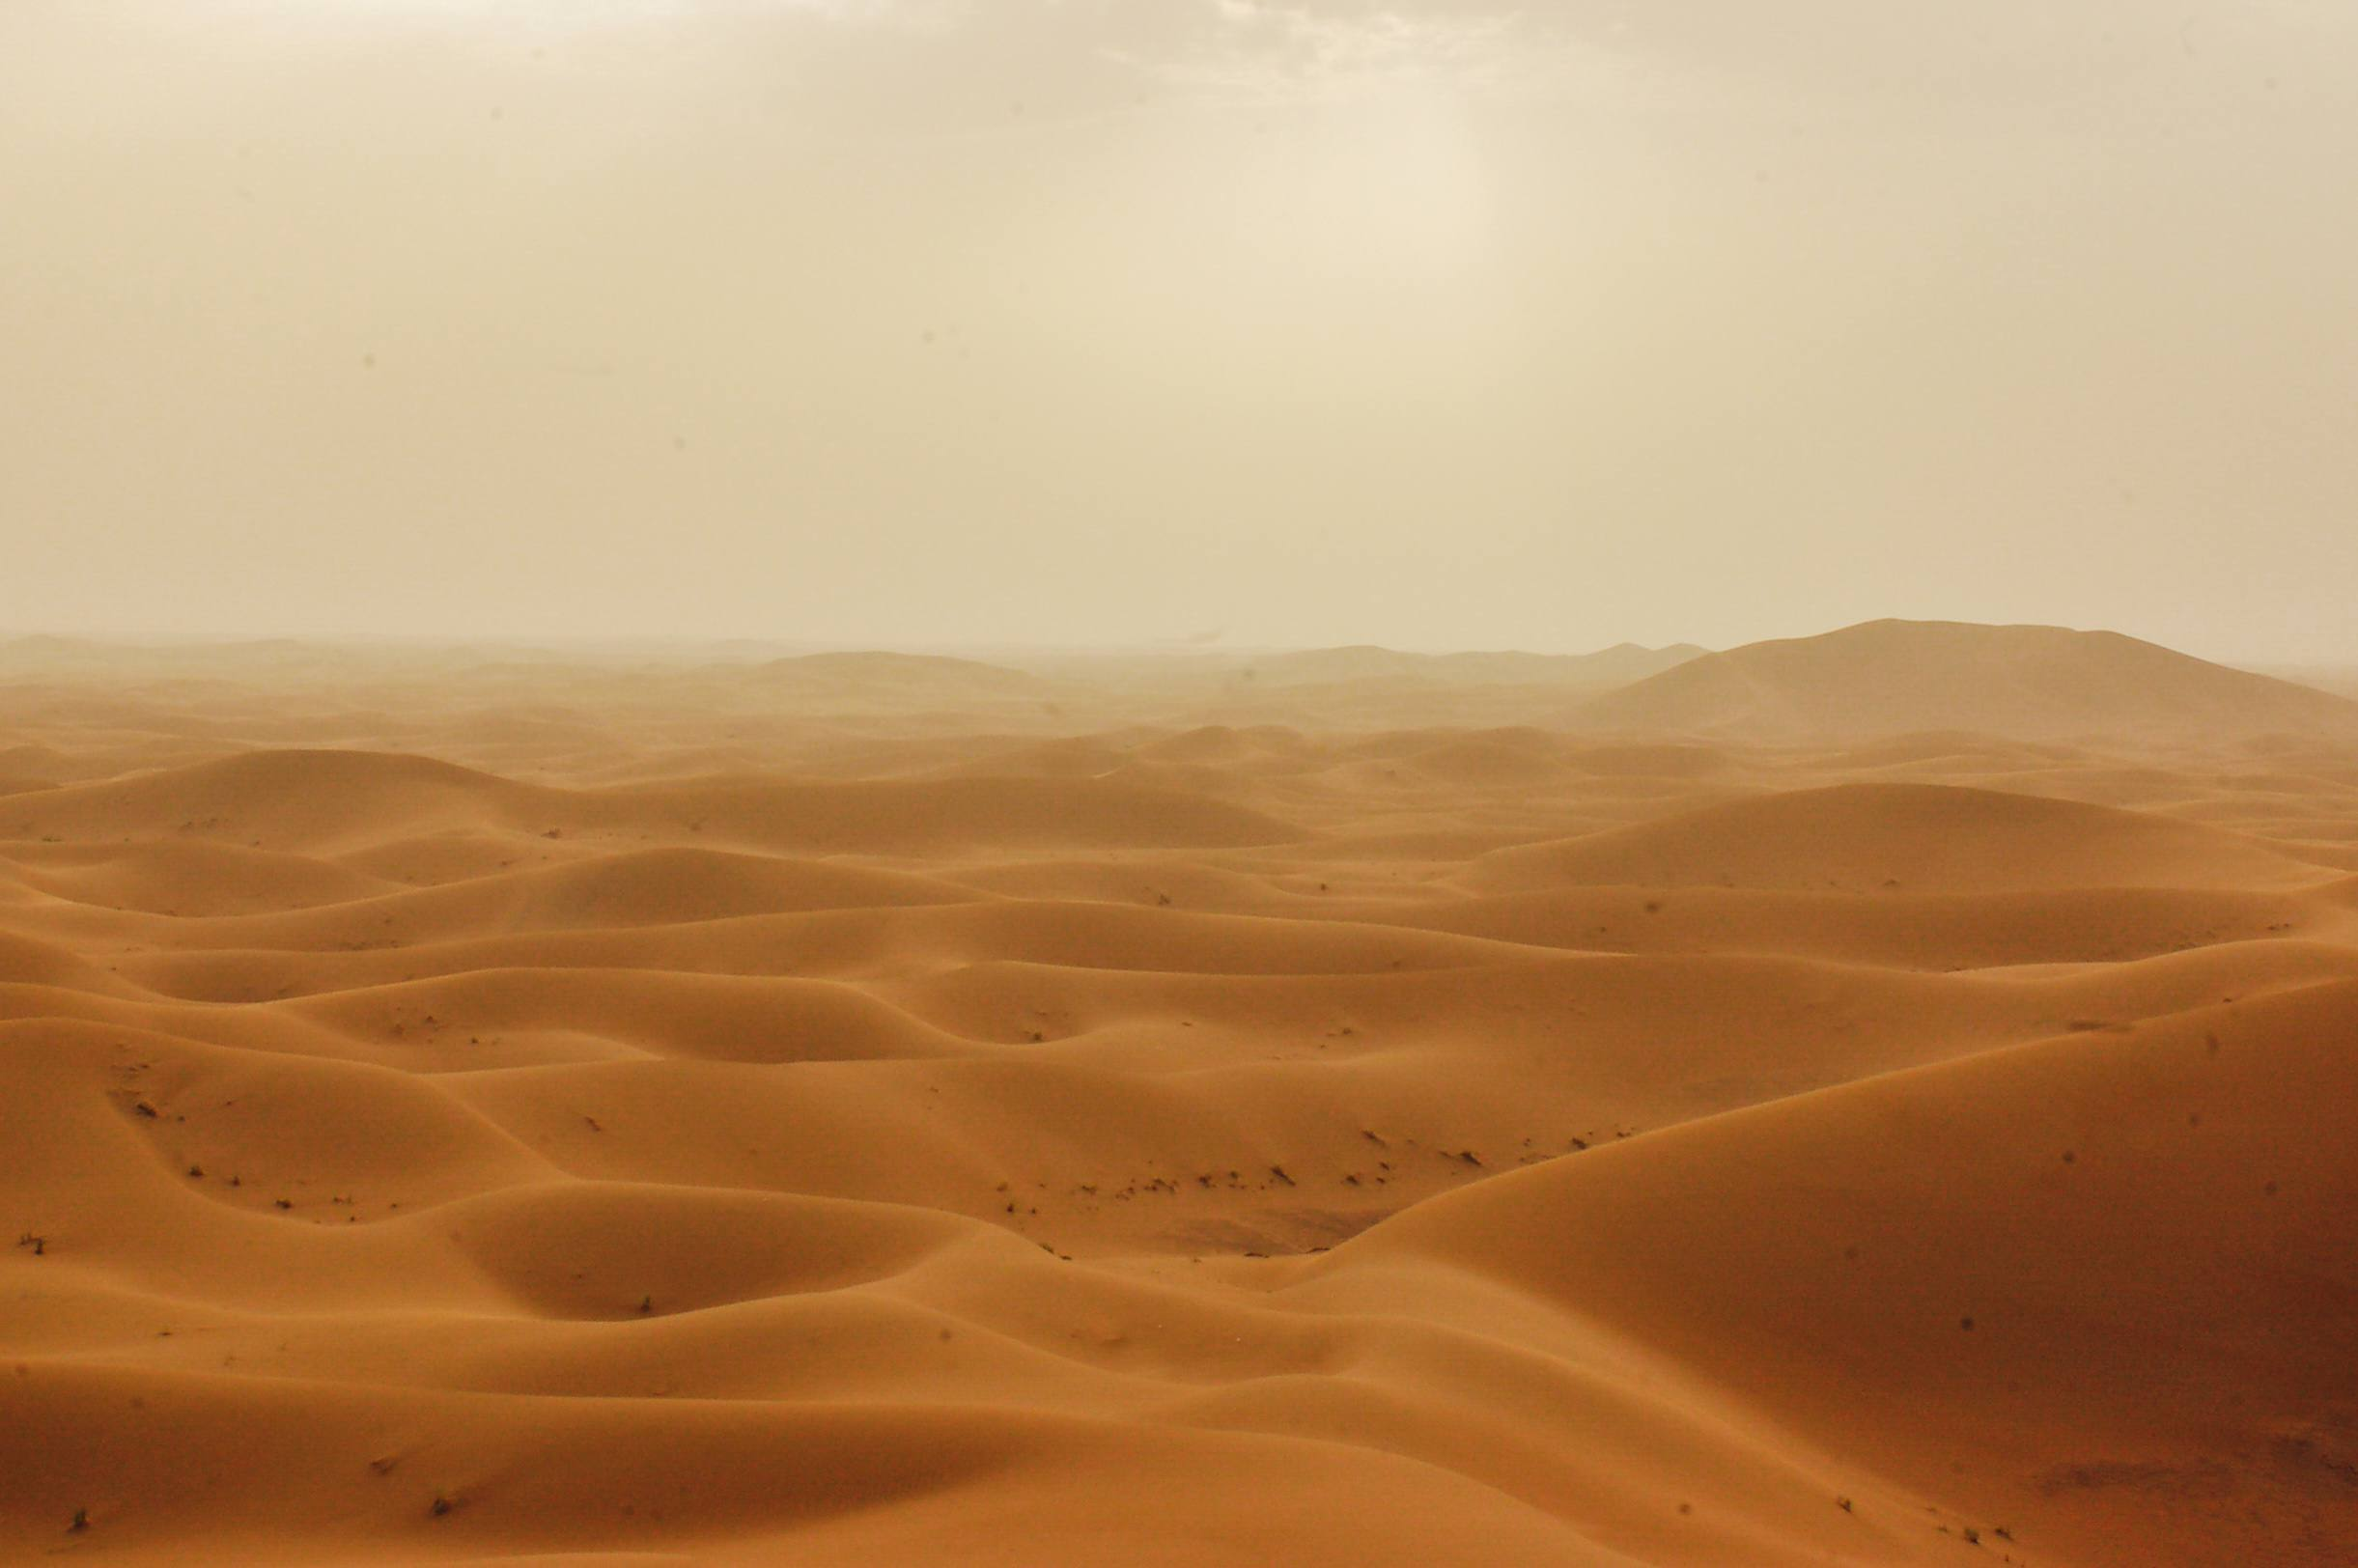 El desierto de Saharra en un día brumoso